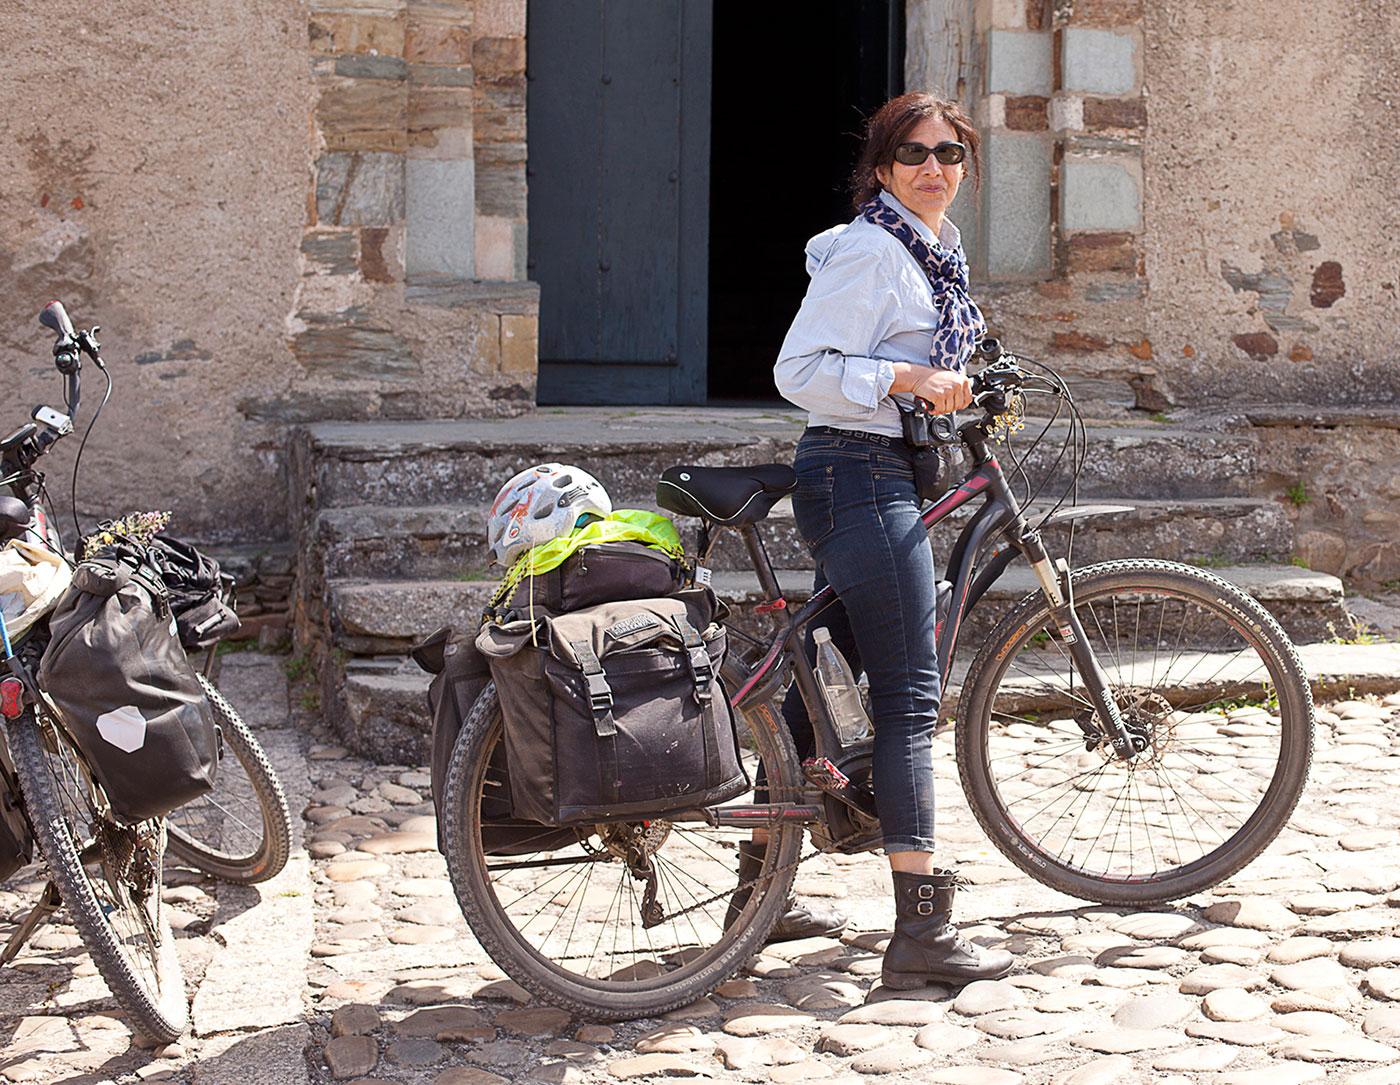 mosaebiketours-business-e-bikes-spain-camino-de-santiago